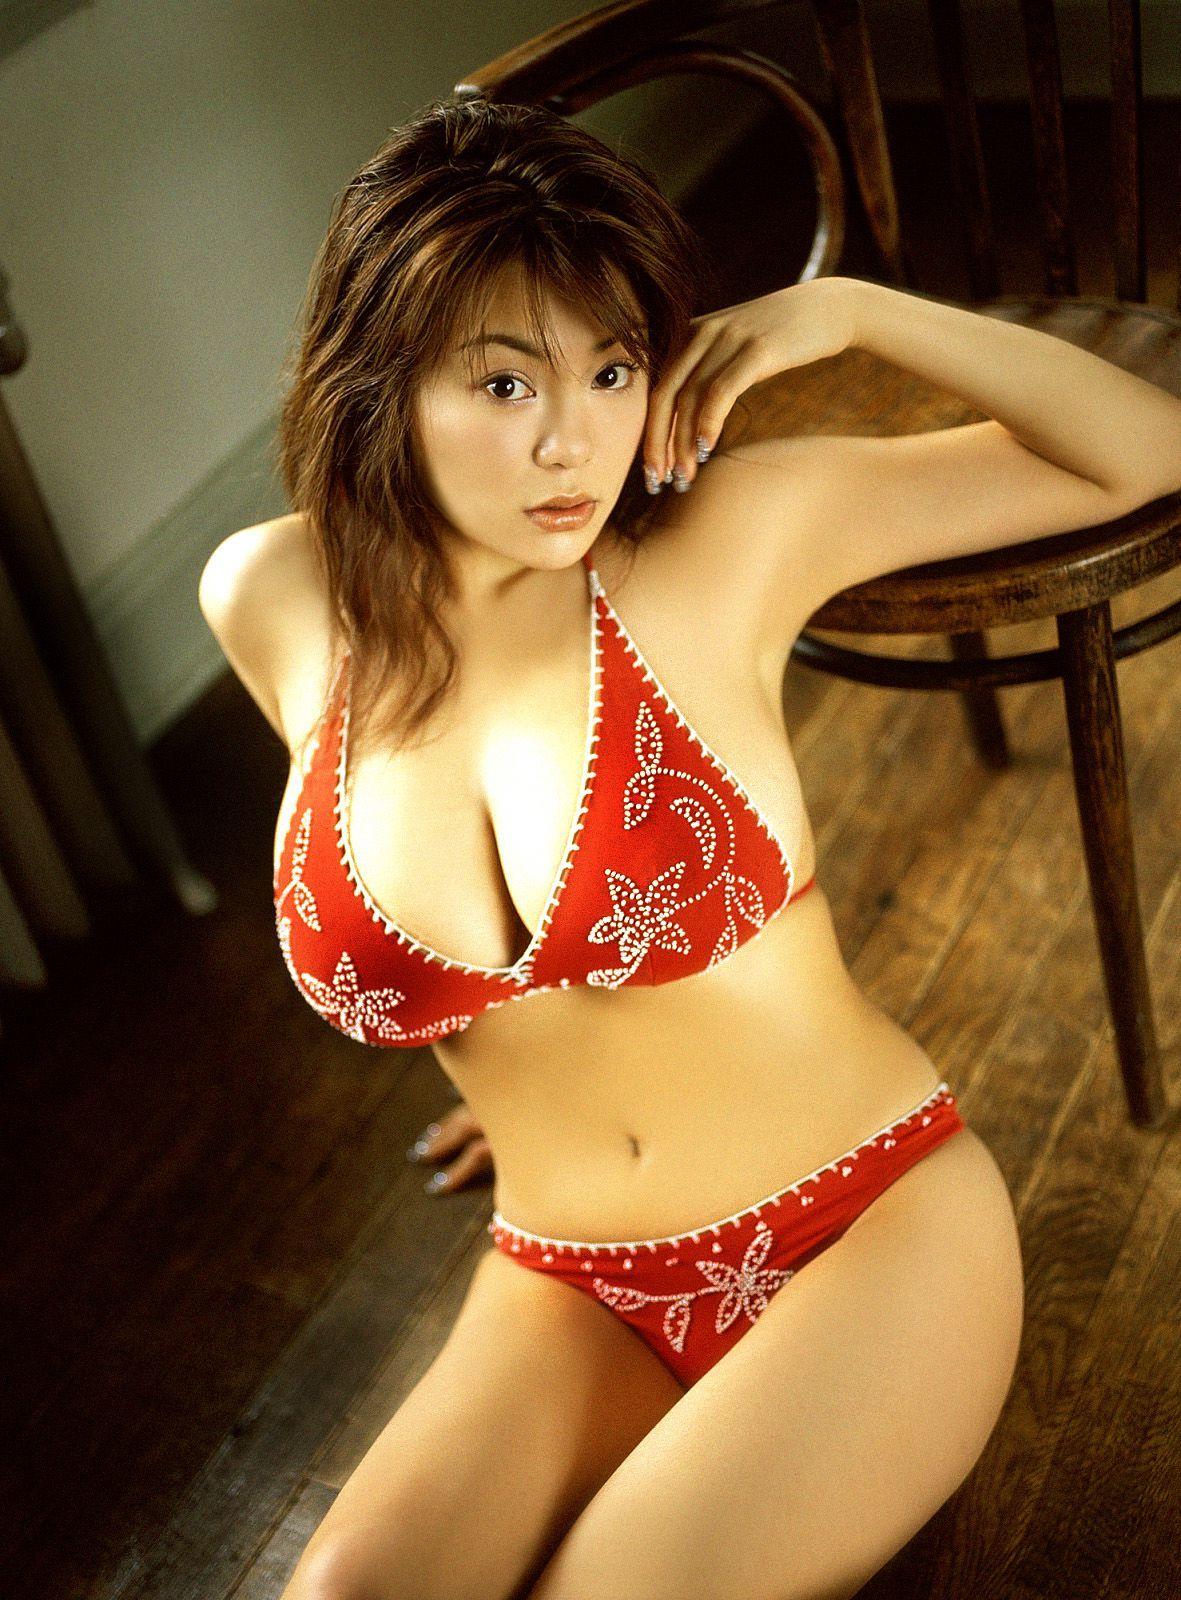 matsugane_yoko181.jpg